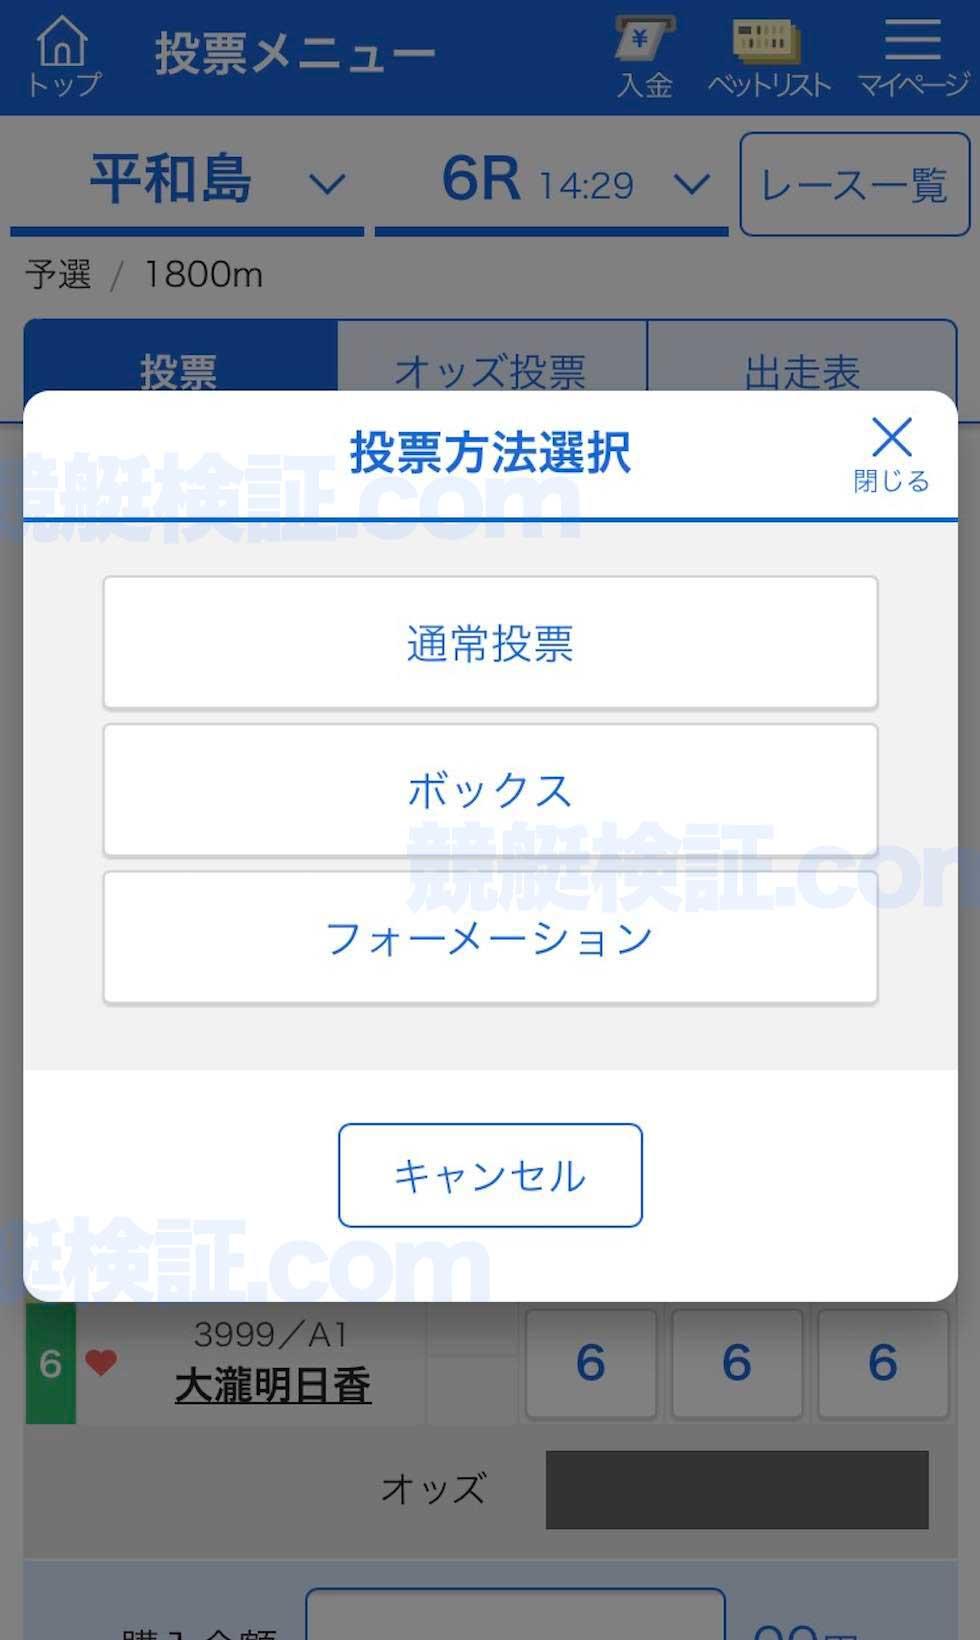 競艇ボートレースのネット投票の画面